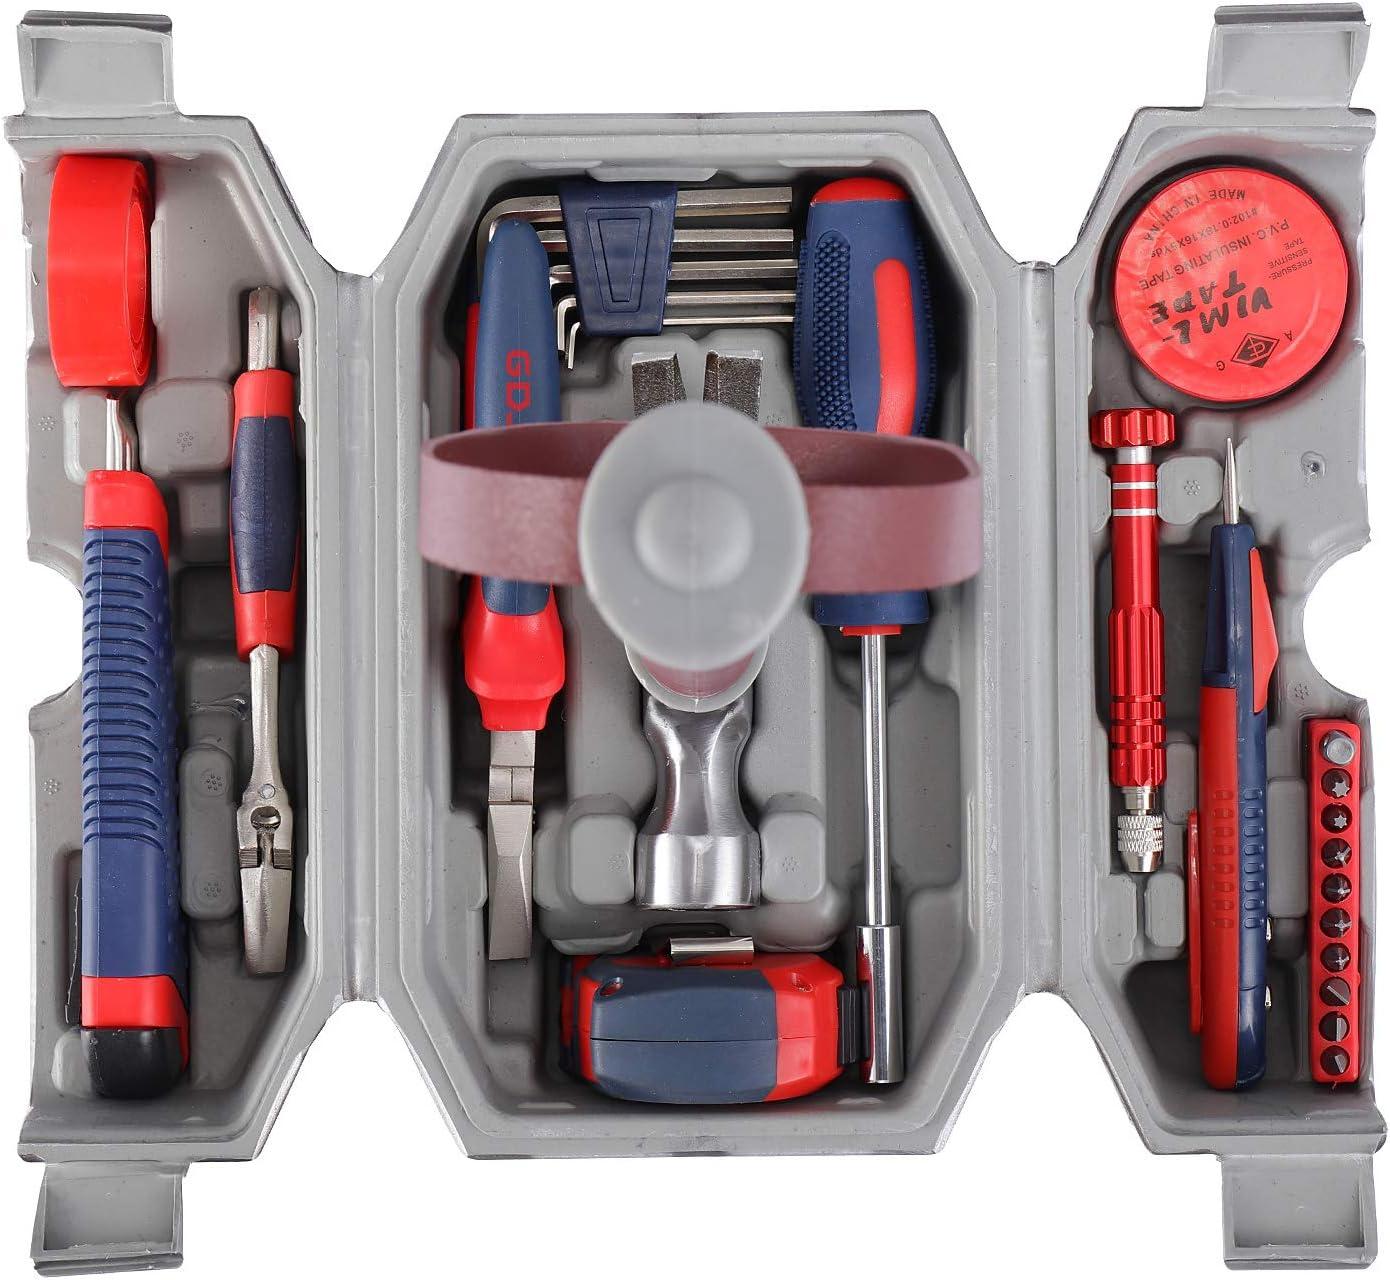 """Werkzeug-Set /""""Avengers Marvel Legends/""""-Serie gef/üllter Haushalts-Werkzeugkoffer t/ägliche Reparatur Thor/'s Hammer-Zubeh/ör-Set Mj/ölnir-Hammer"""